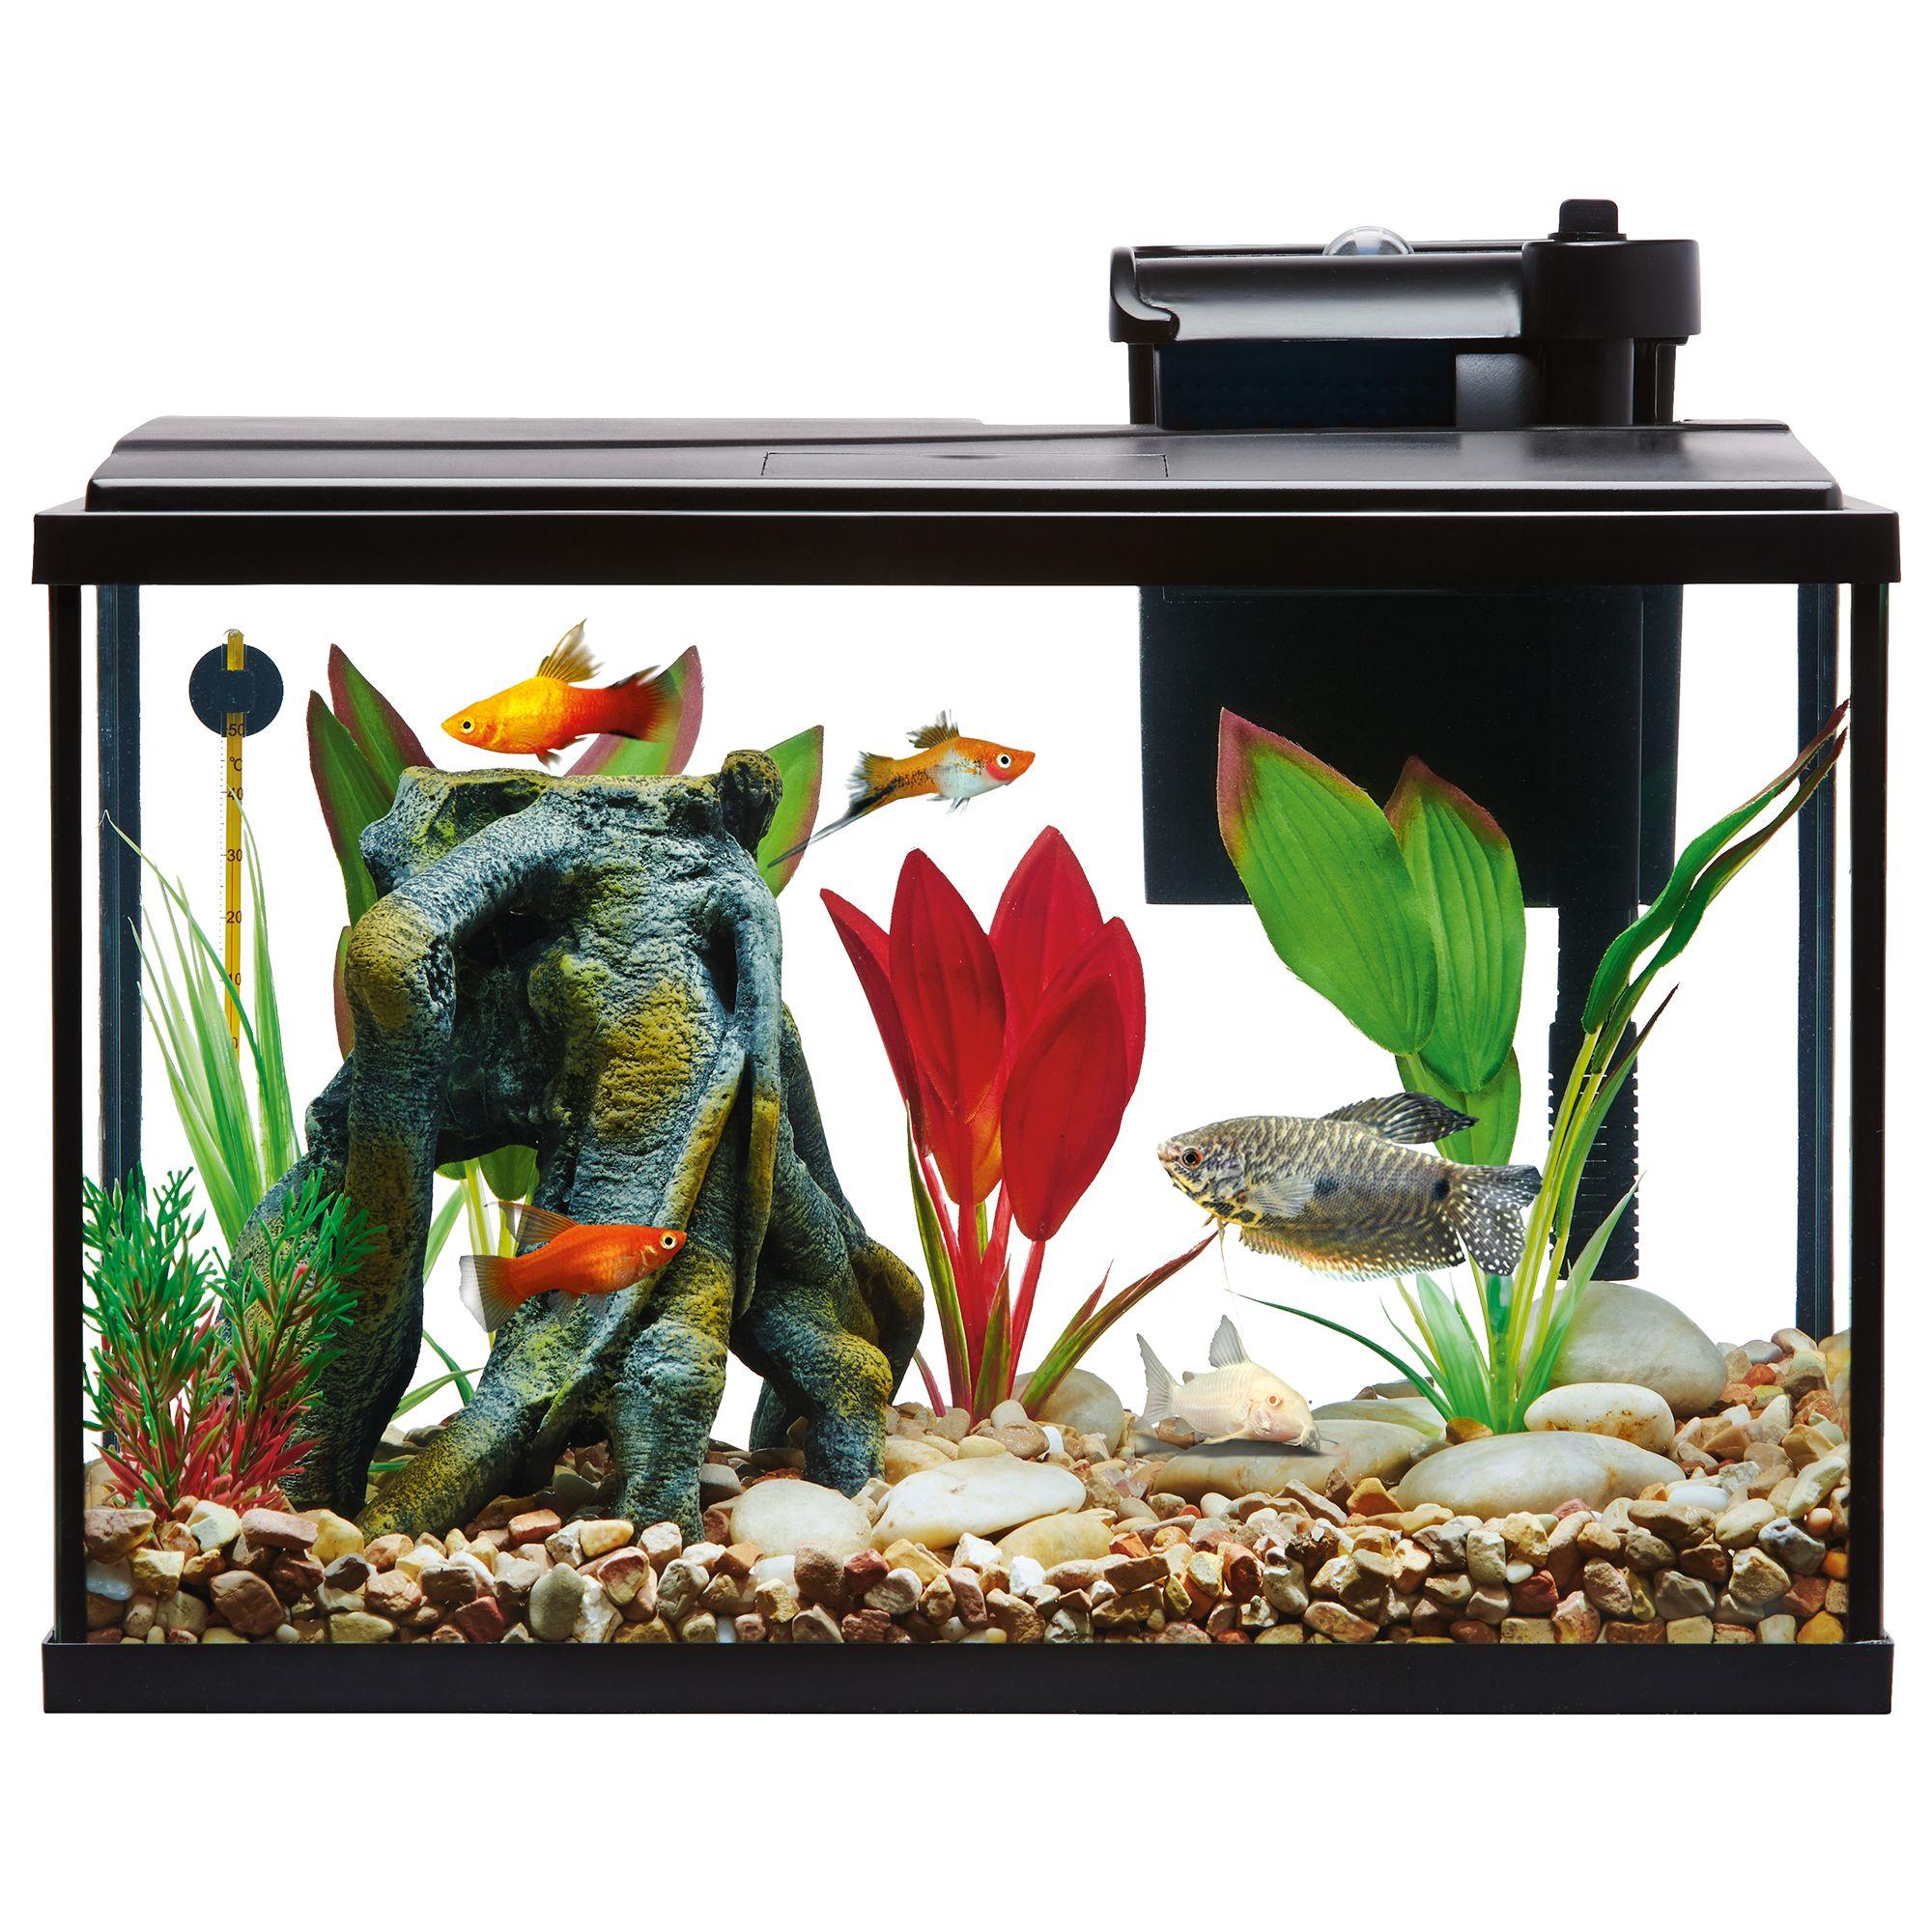 Top Fin Essentials Aquarium Starter Kit Fish Starter Kits Petsmart